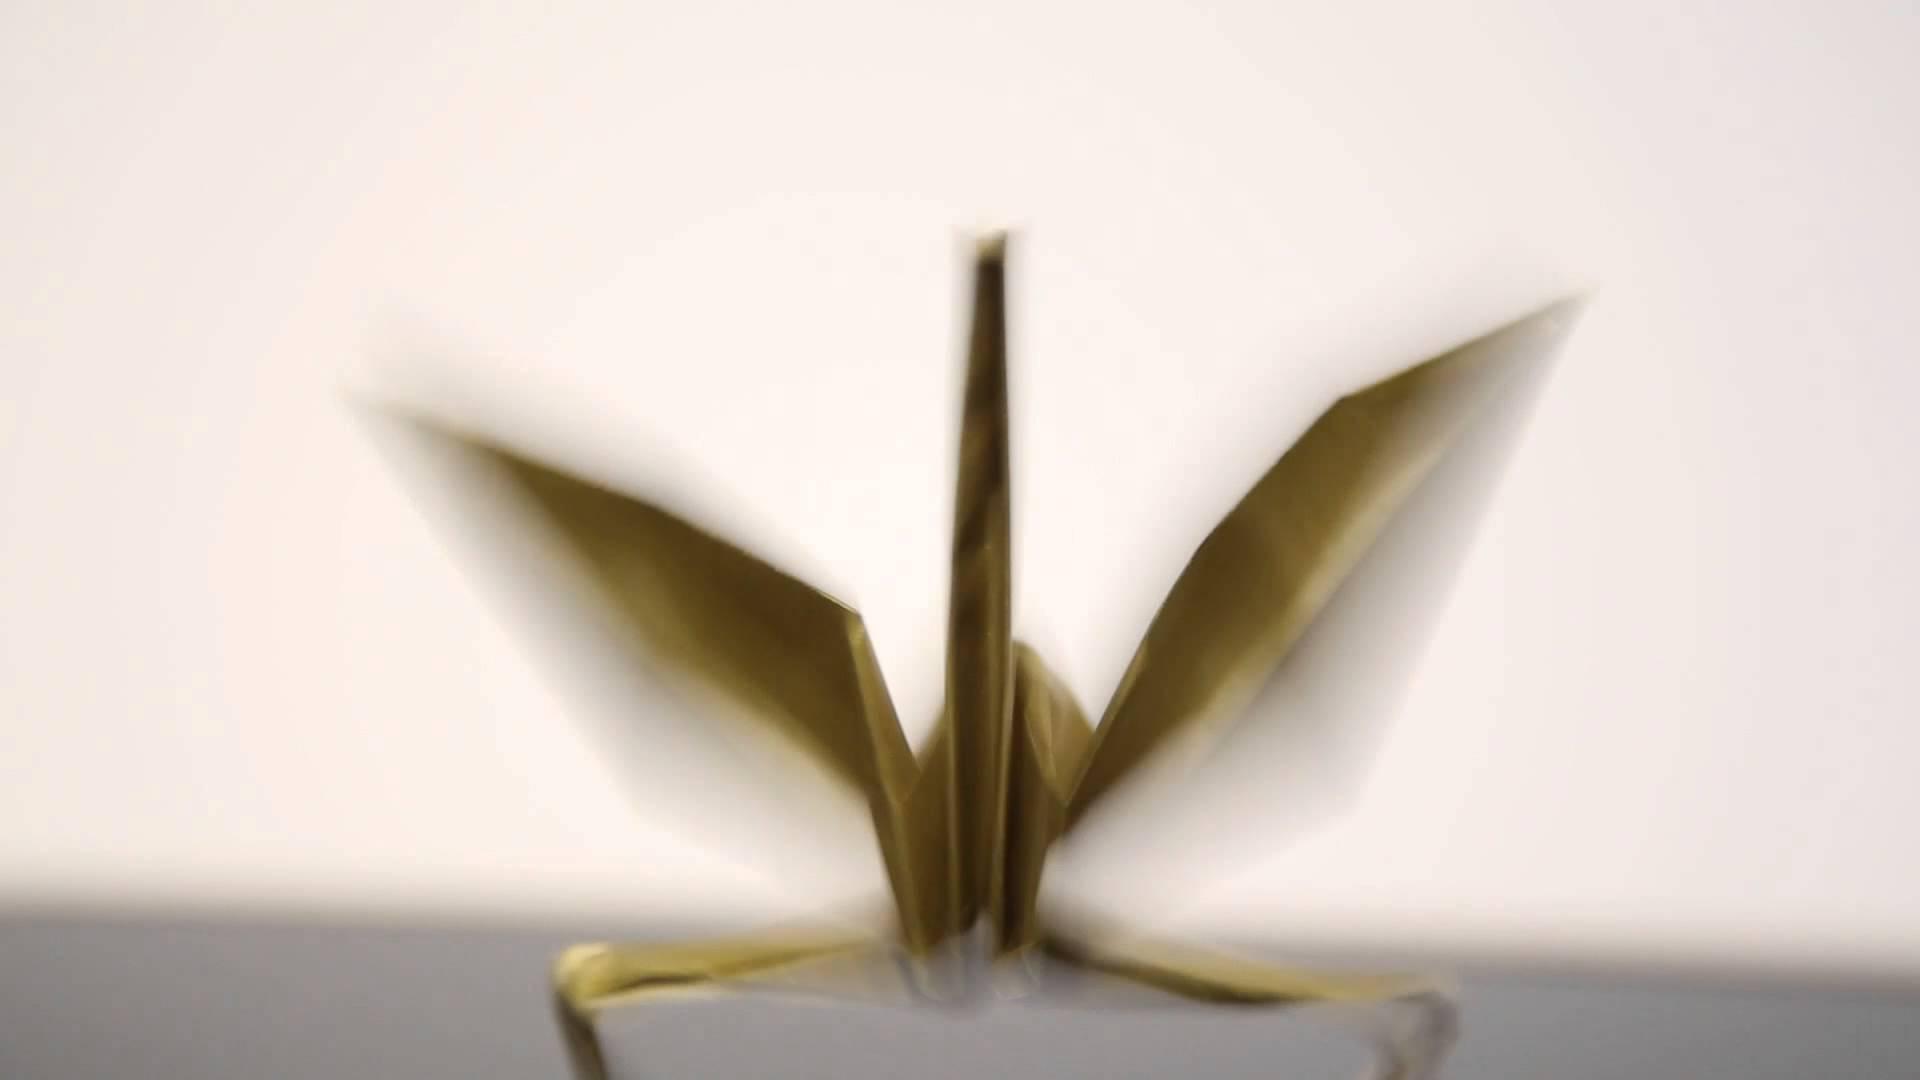 折り紙の鶴に磁力を使って踊らせるとシュールになる